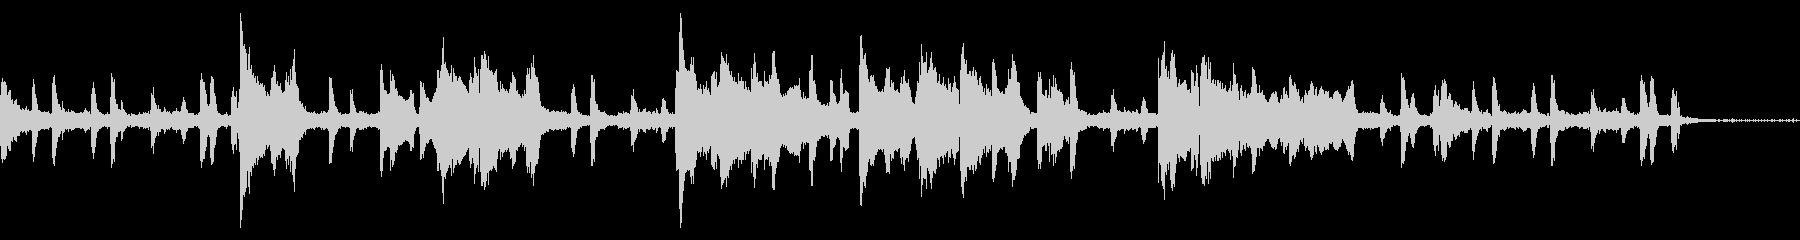 短いピアノとオルガンJazzBGM。の未再生の波形